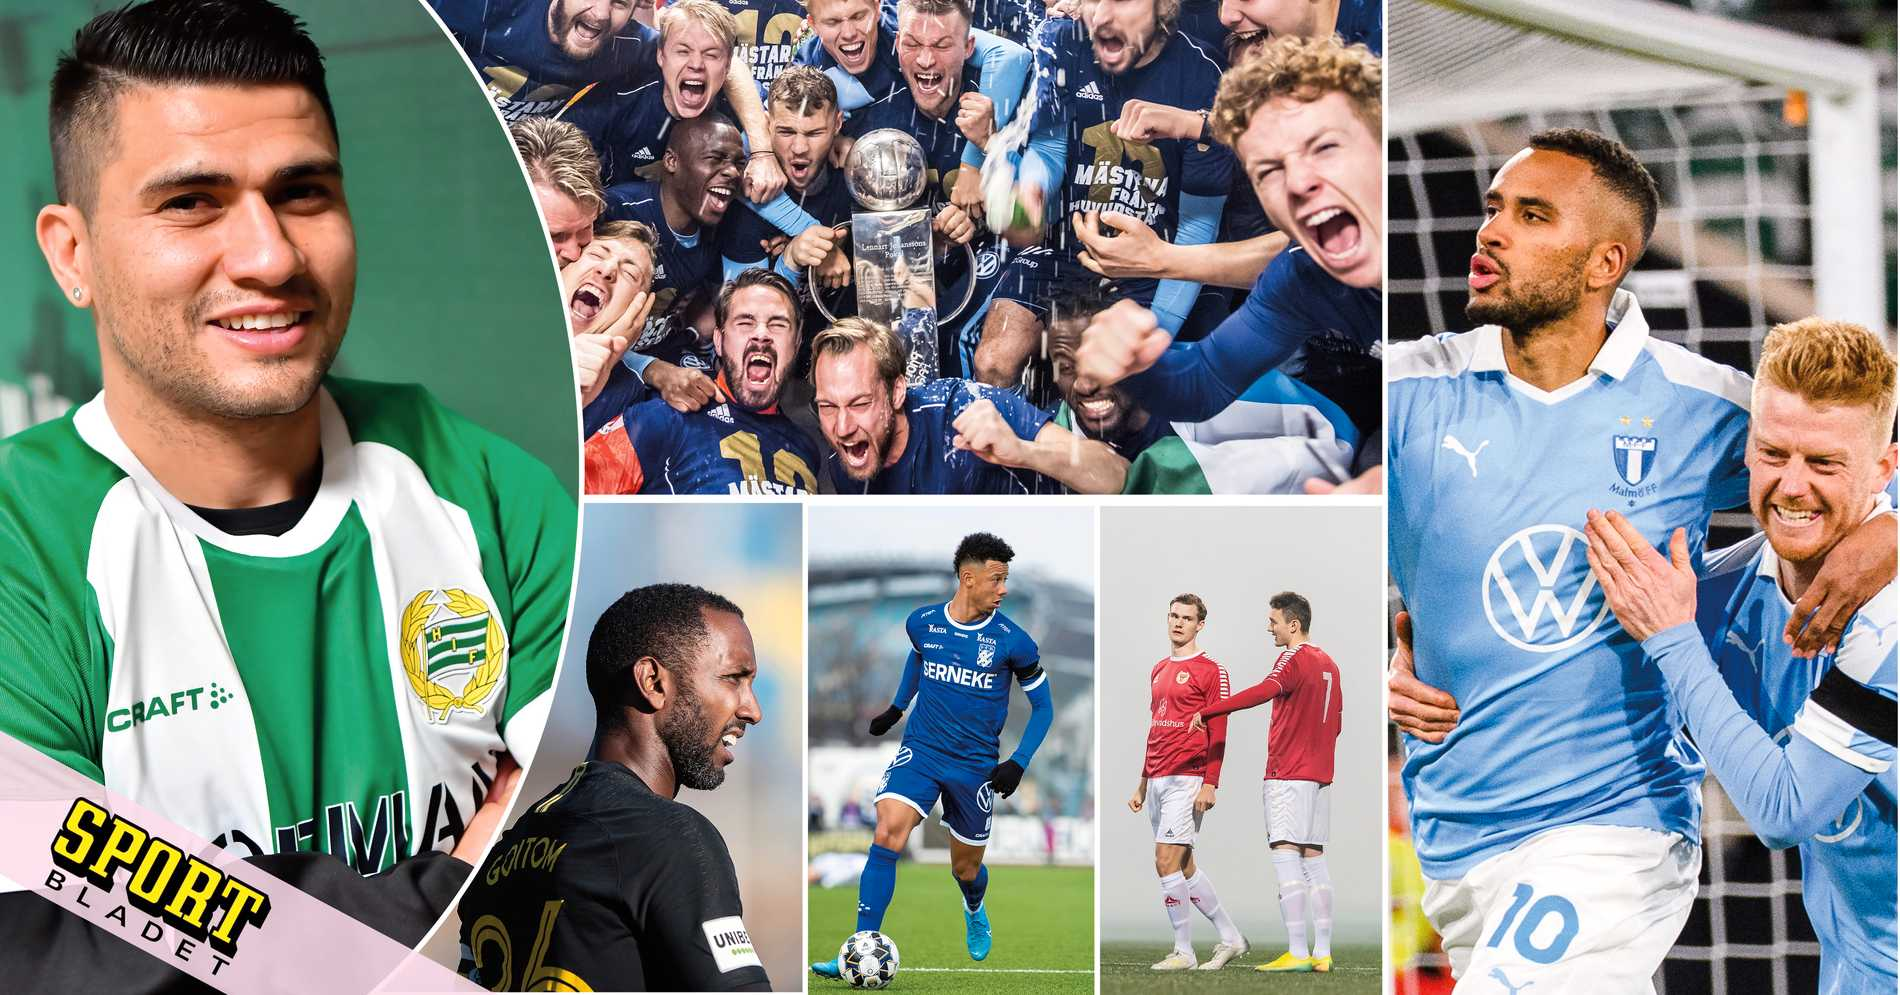 Fotbollsexperter spår allsvenskan 2020